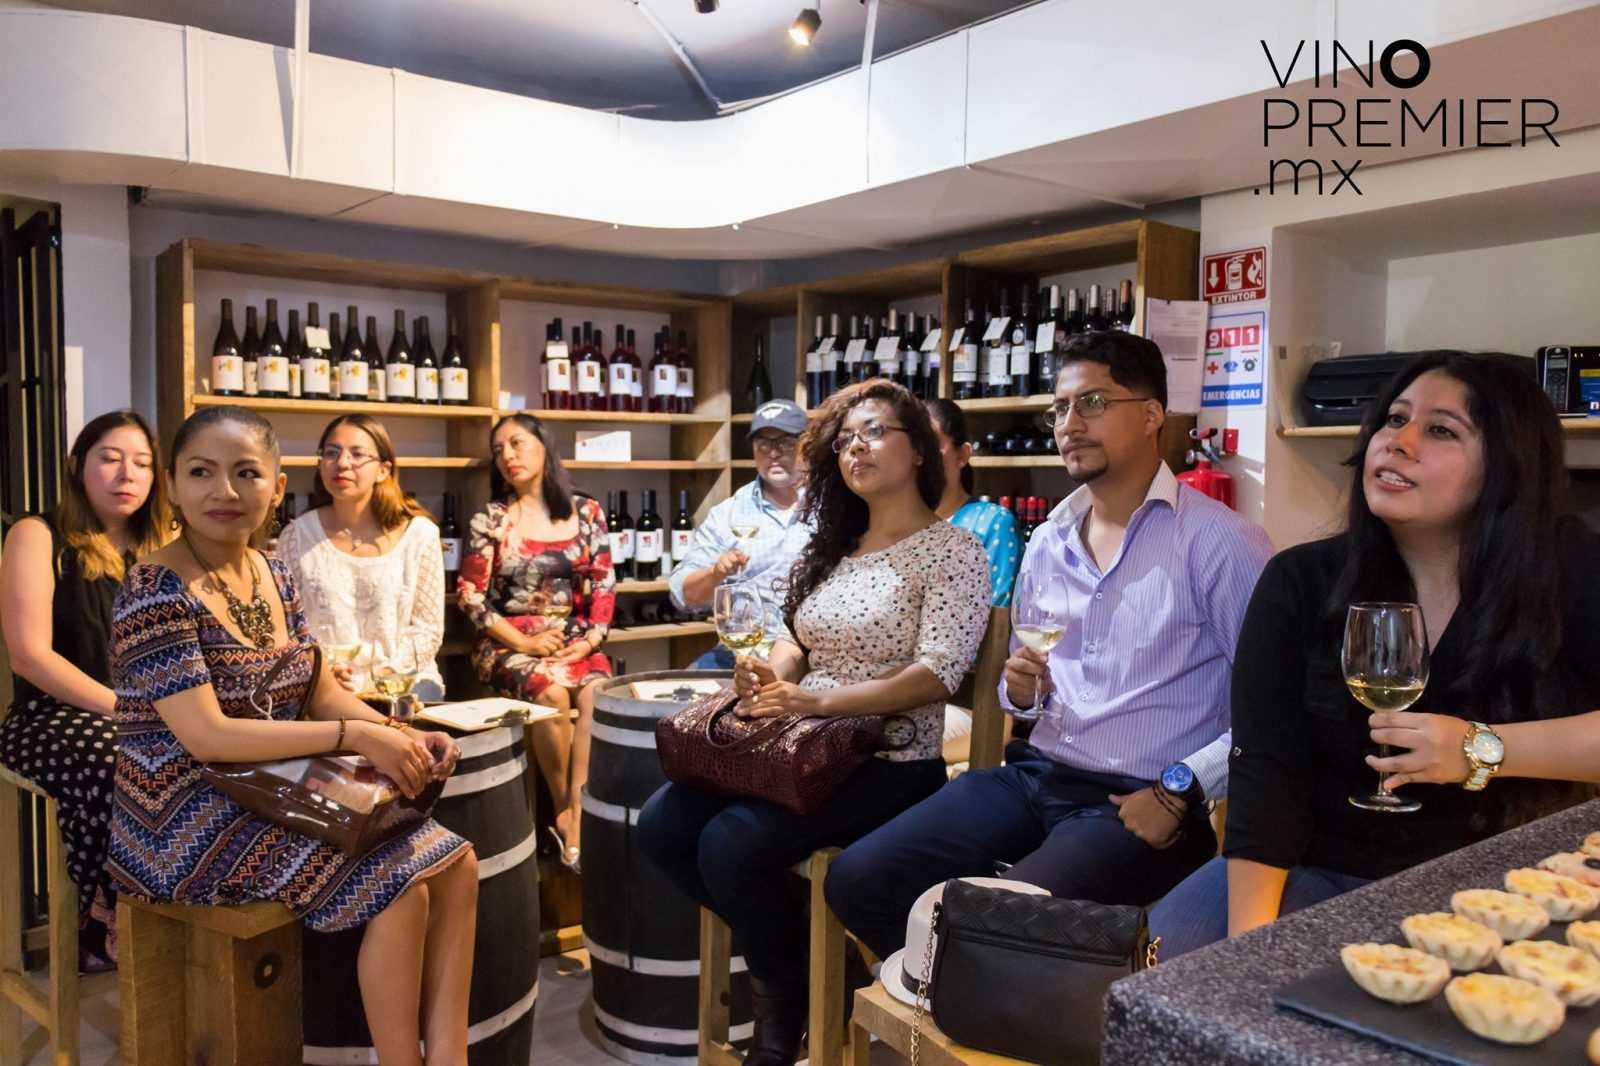 Vinopremier abre nueva tienda en ciudad de m xico - Vinotecas madrid centro ...